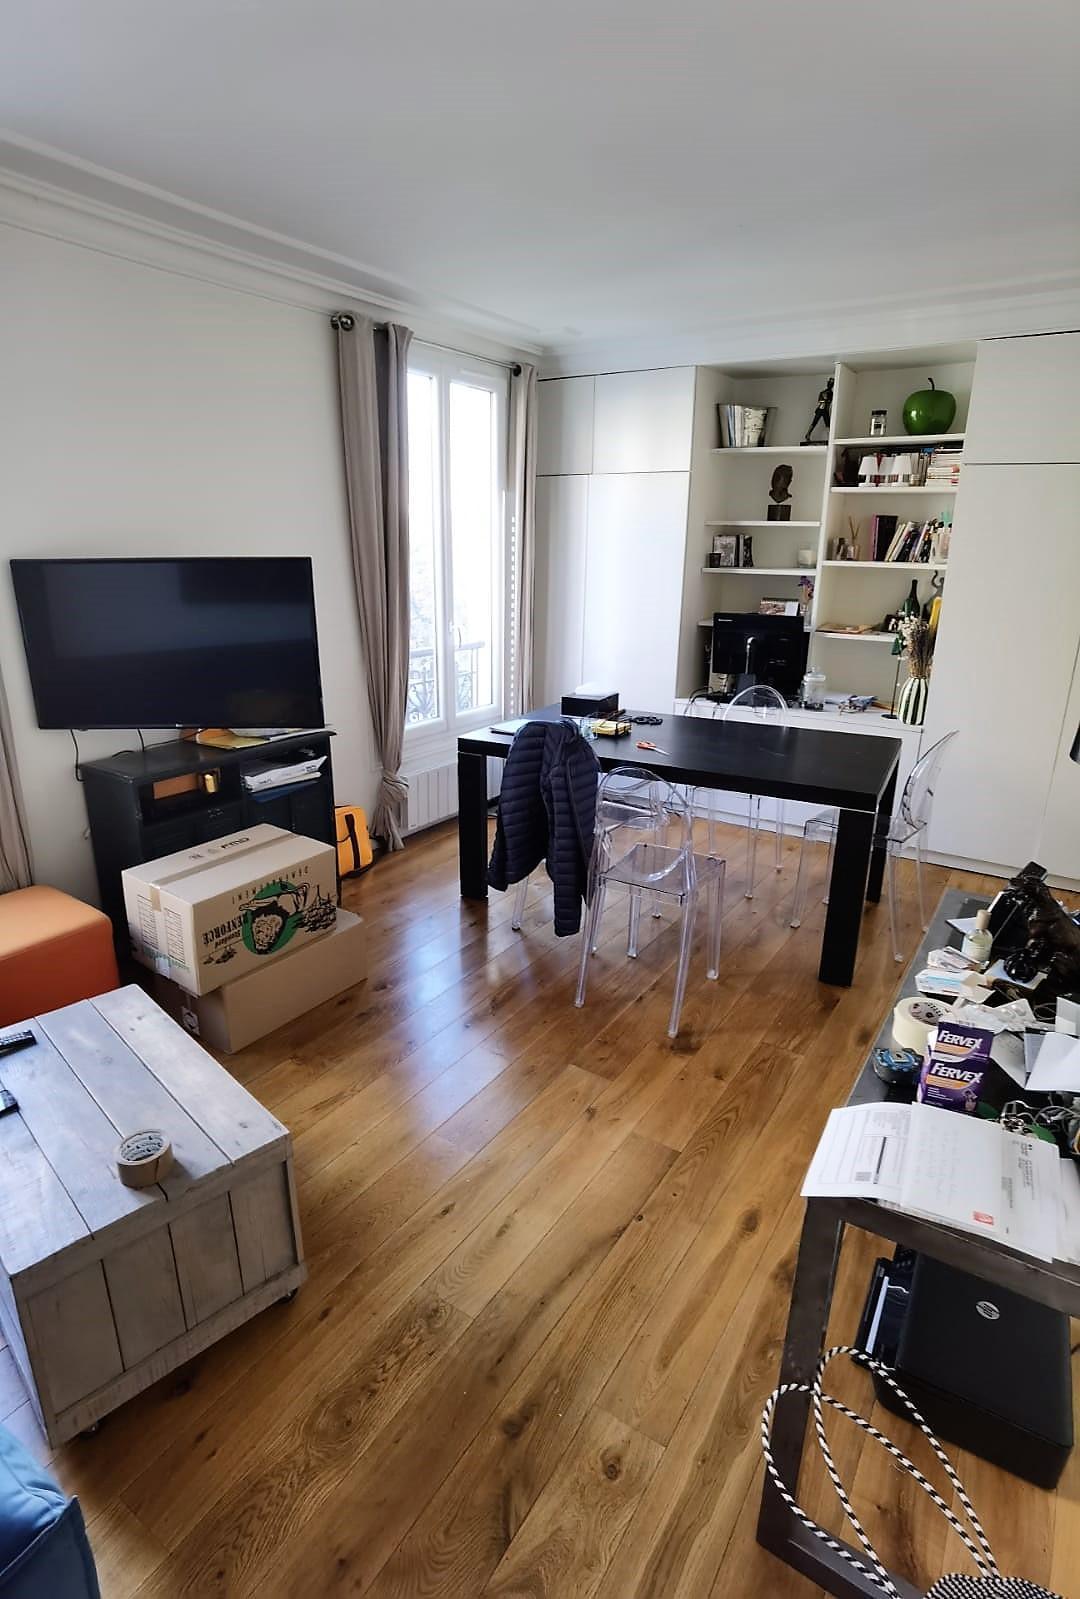 Appartement a louer boulogne-billancourt - 4 pièce(s) - Surfyn